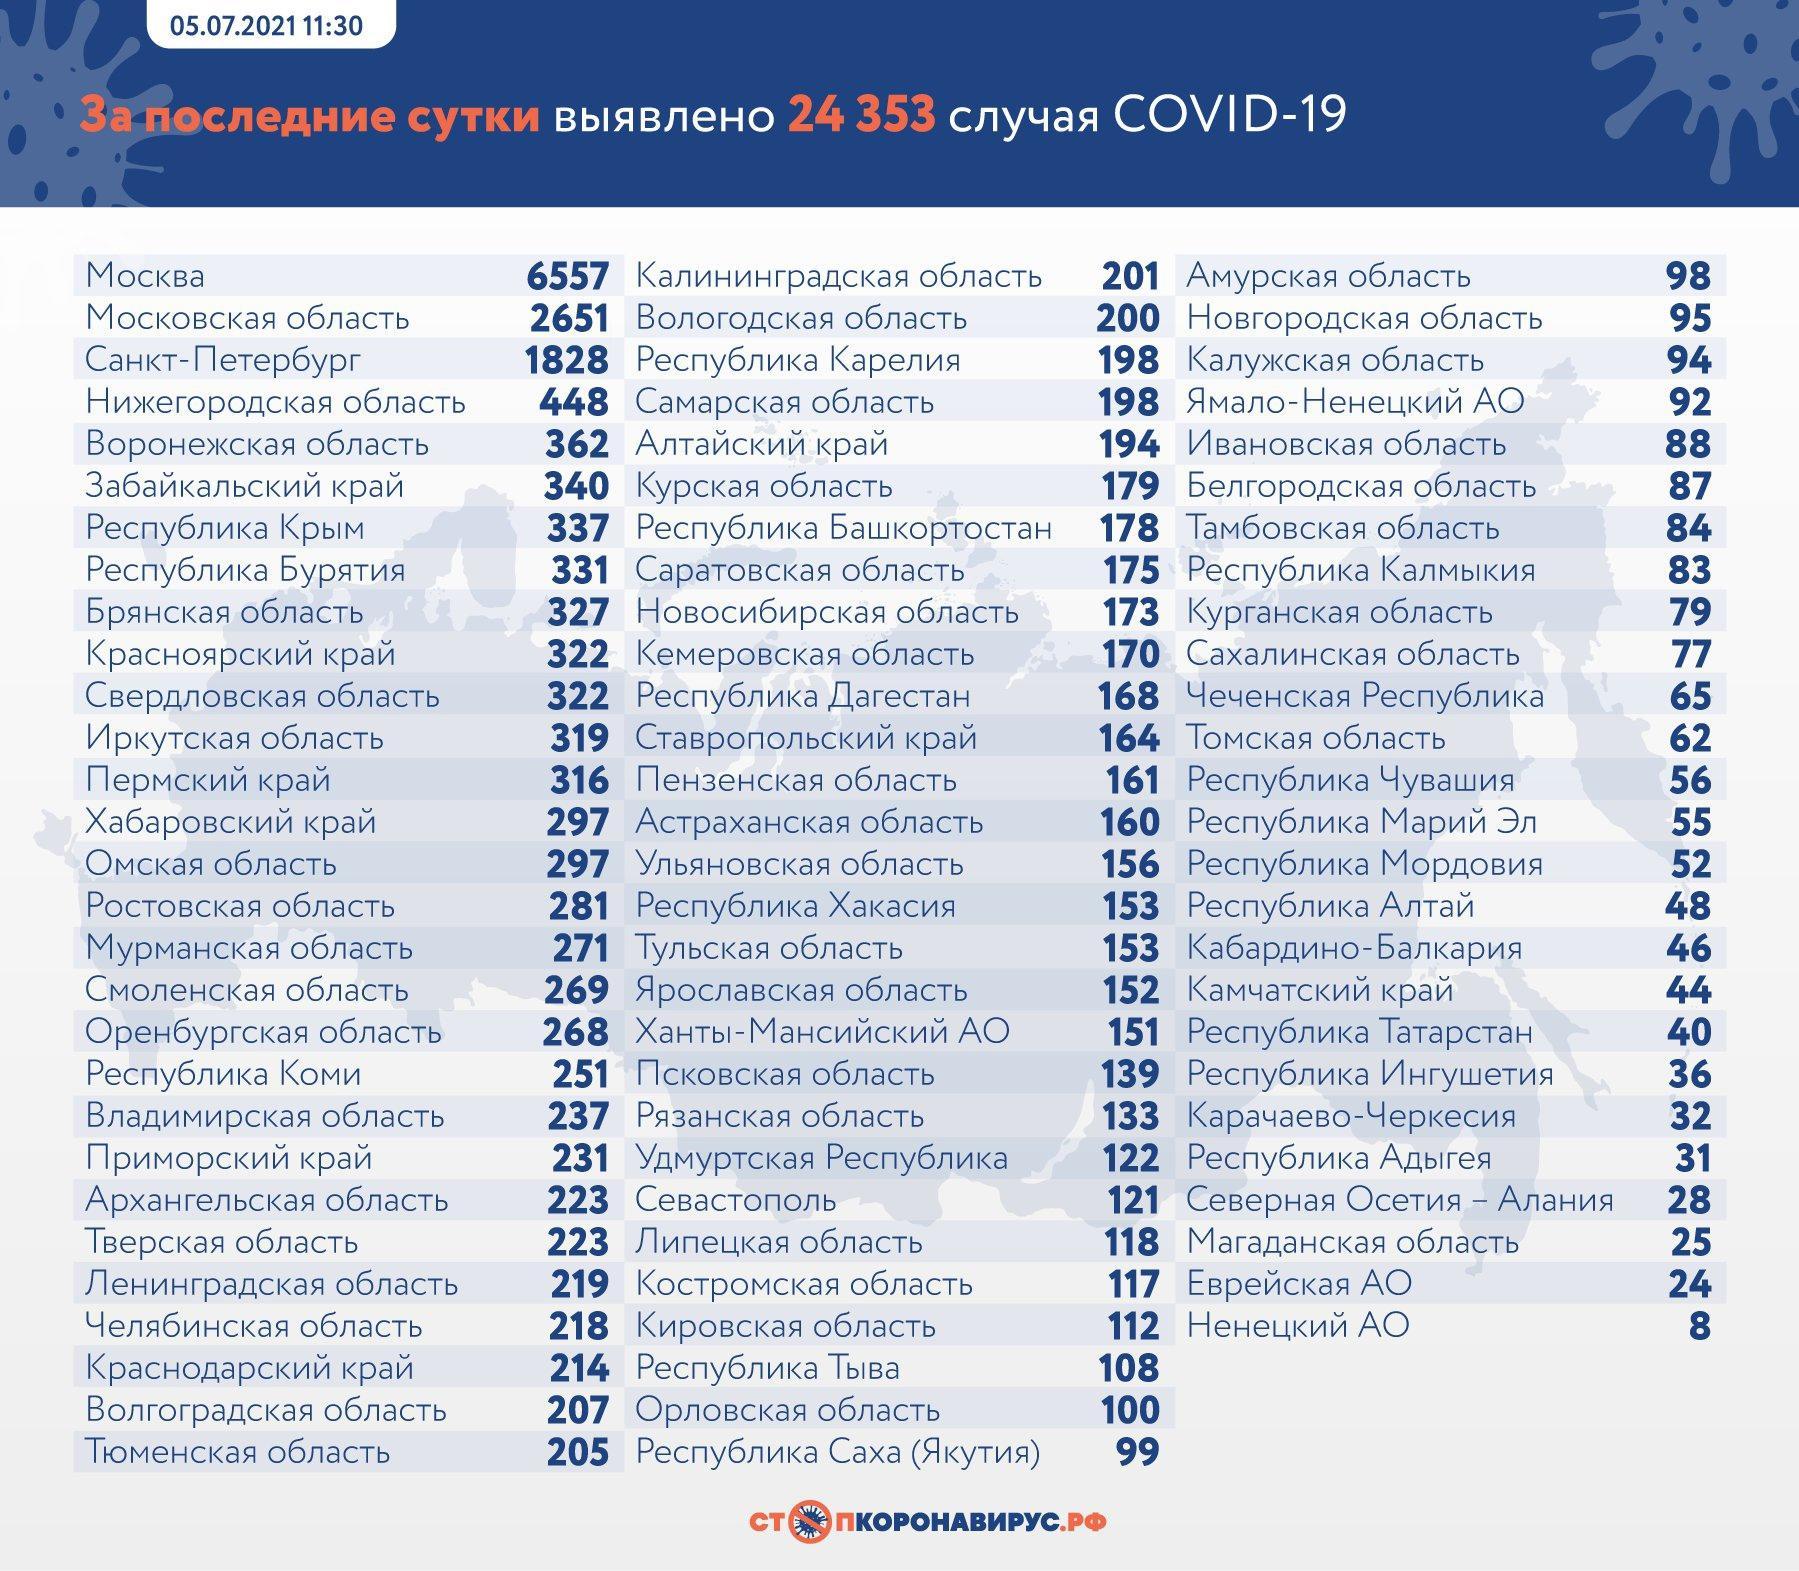 Фото 654 больных COVID-19 умерли в России за сутки 2